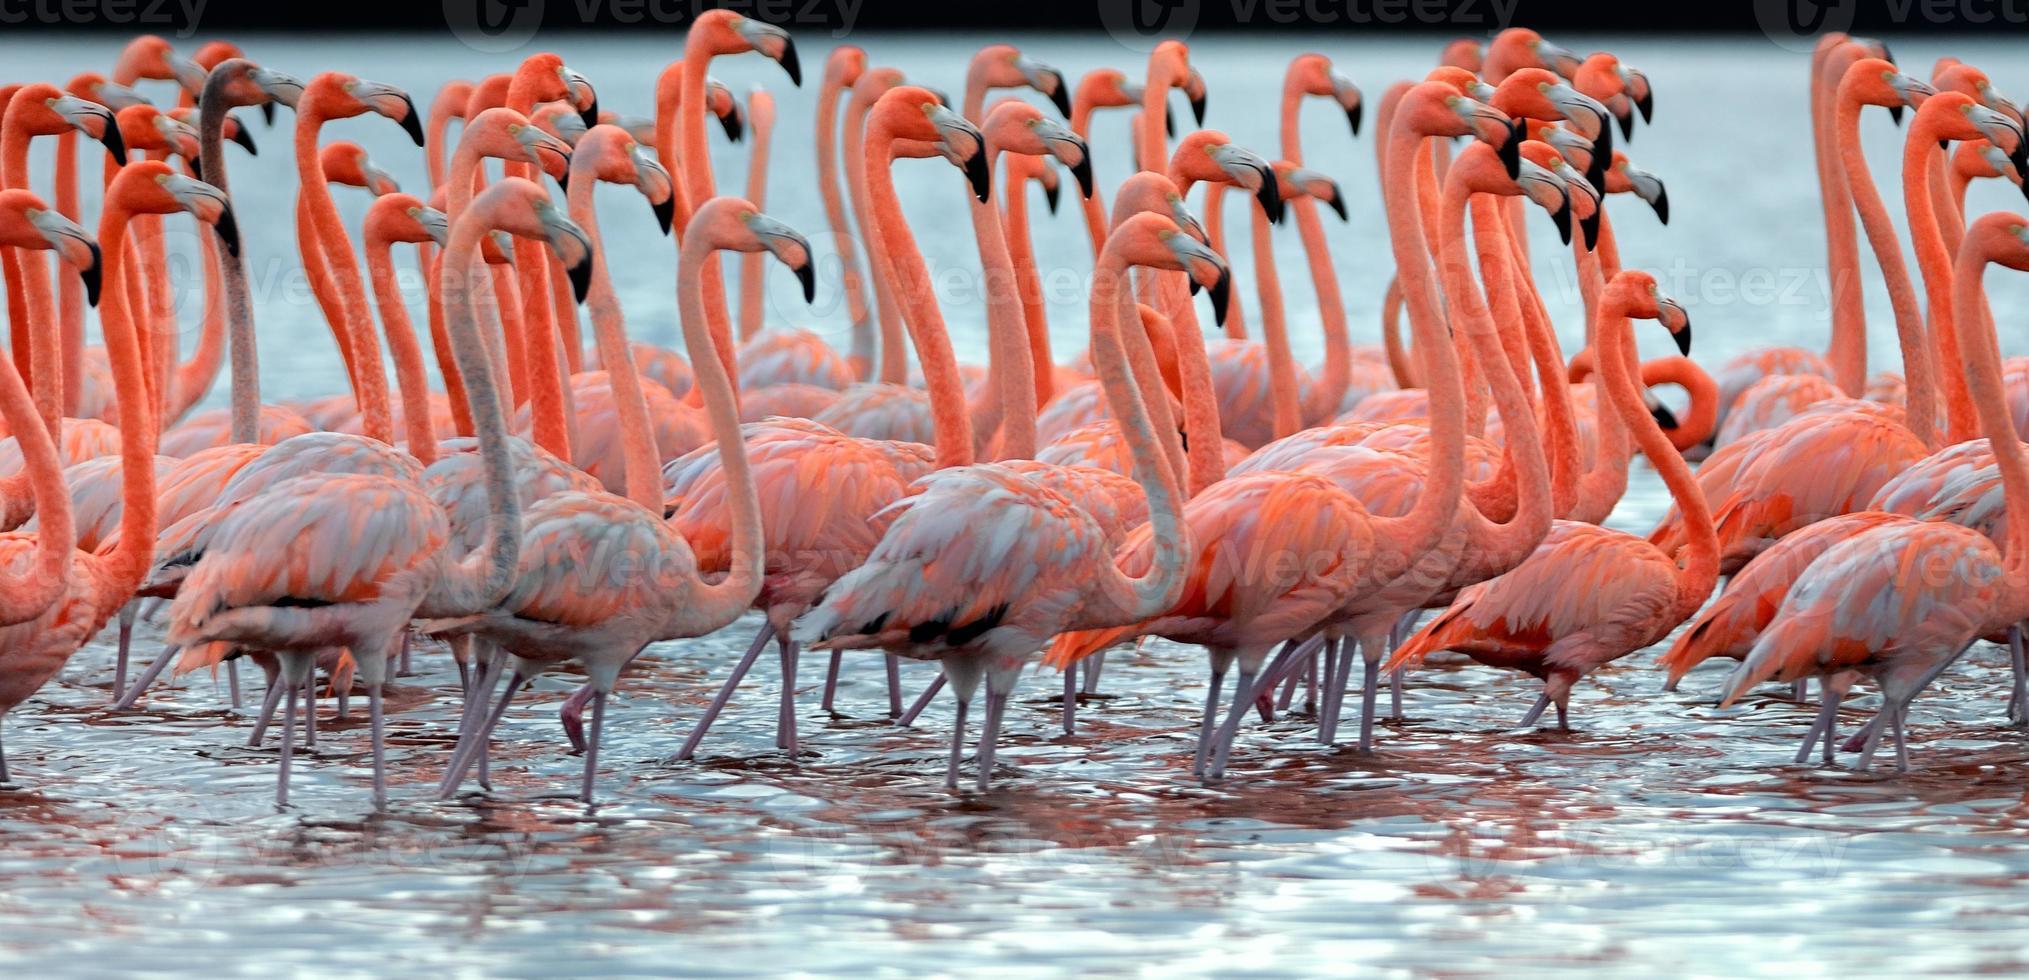 bando de flamingos maiores foto